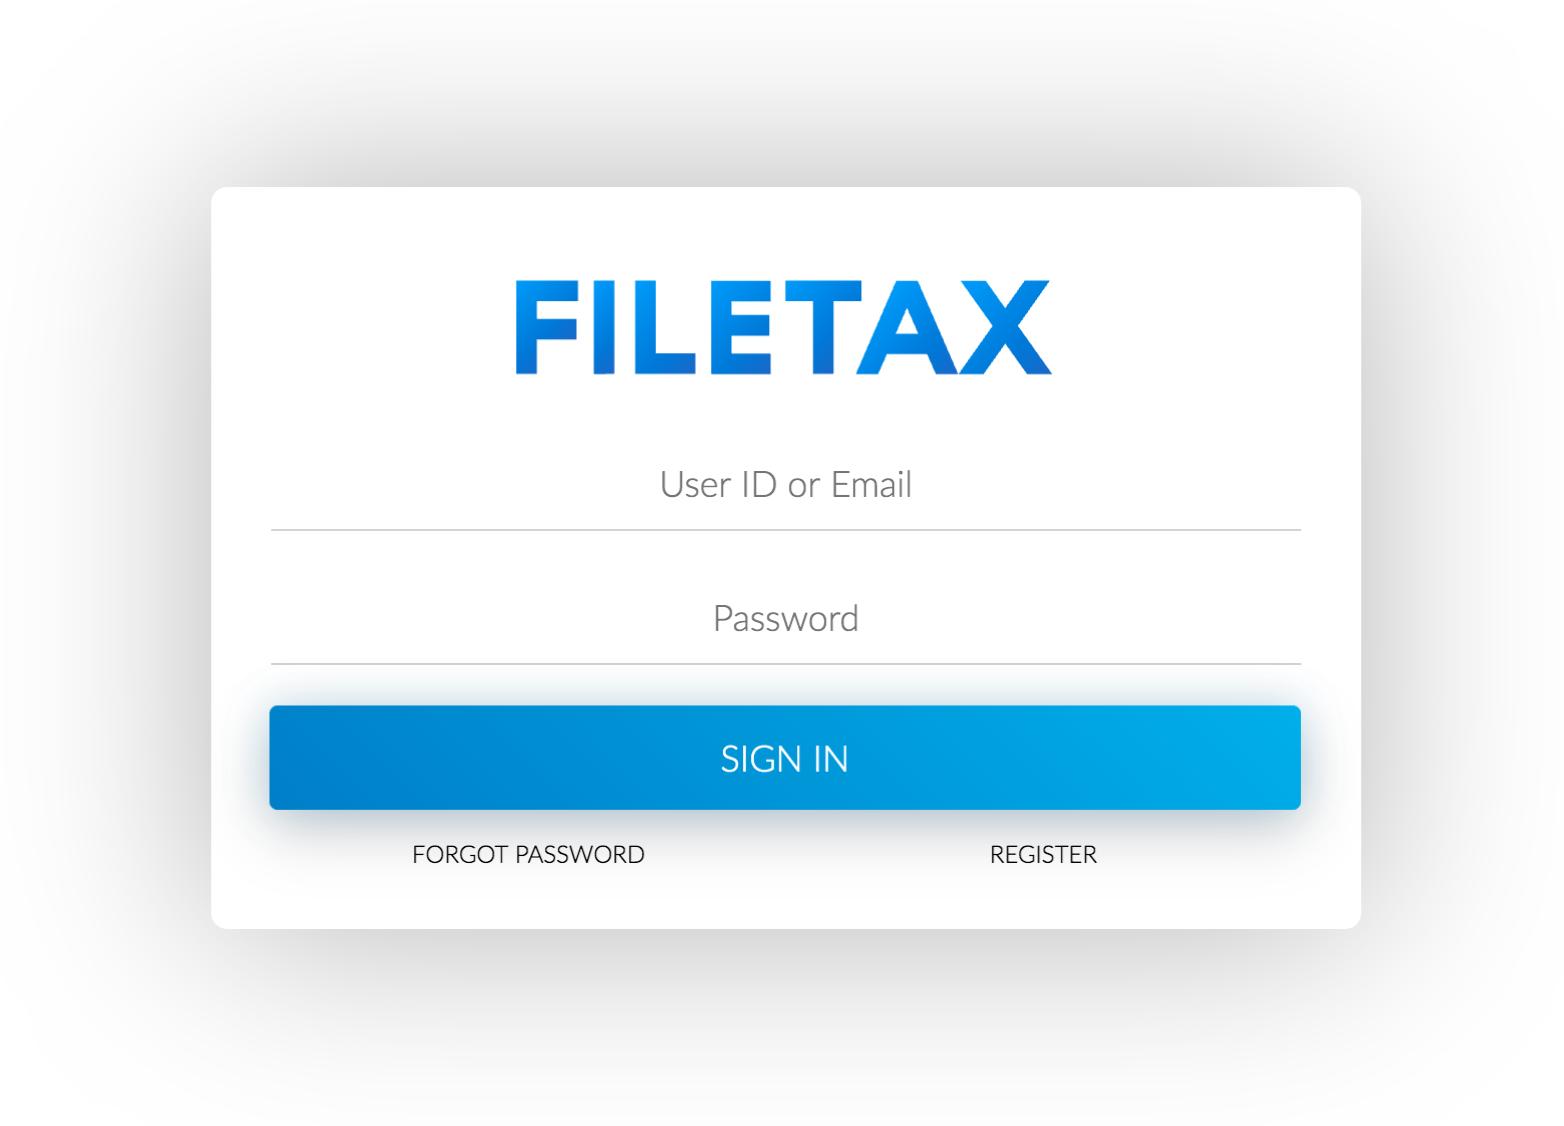 Filetax Login UI